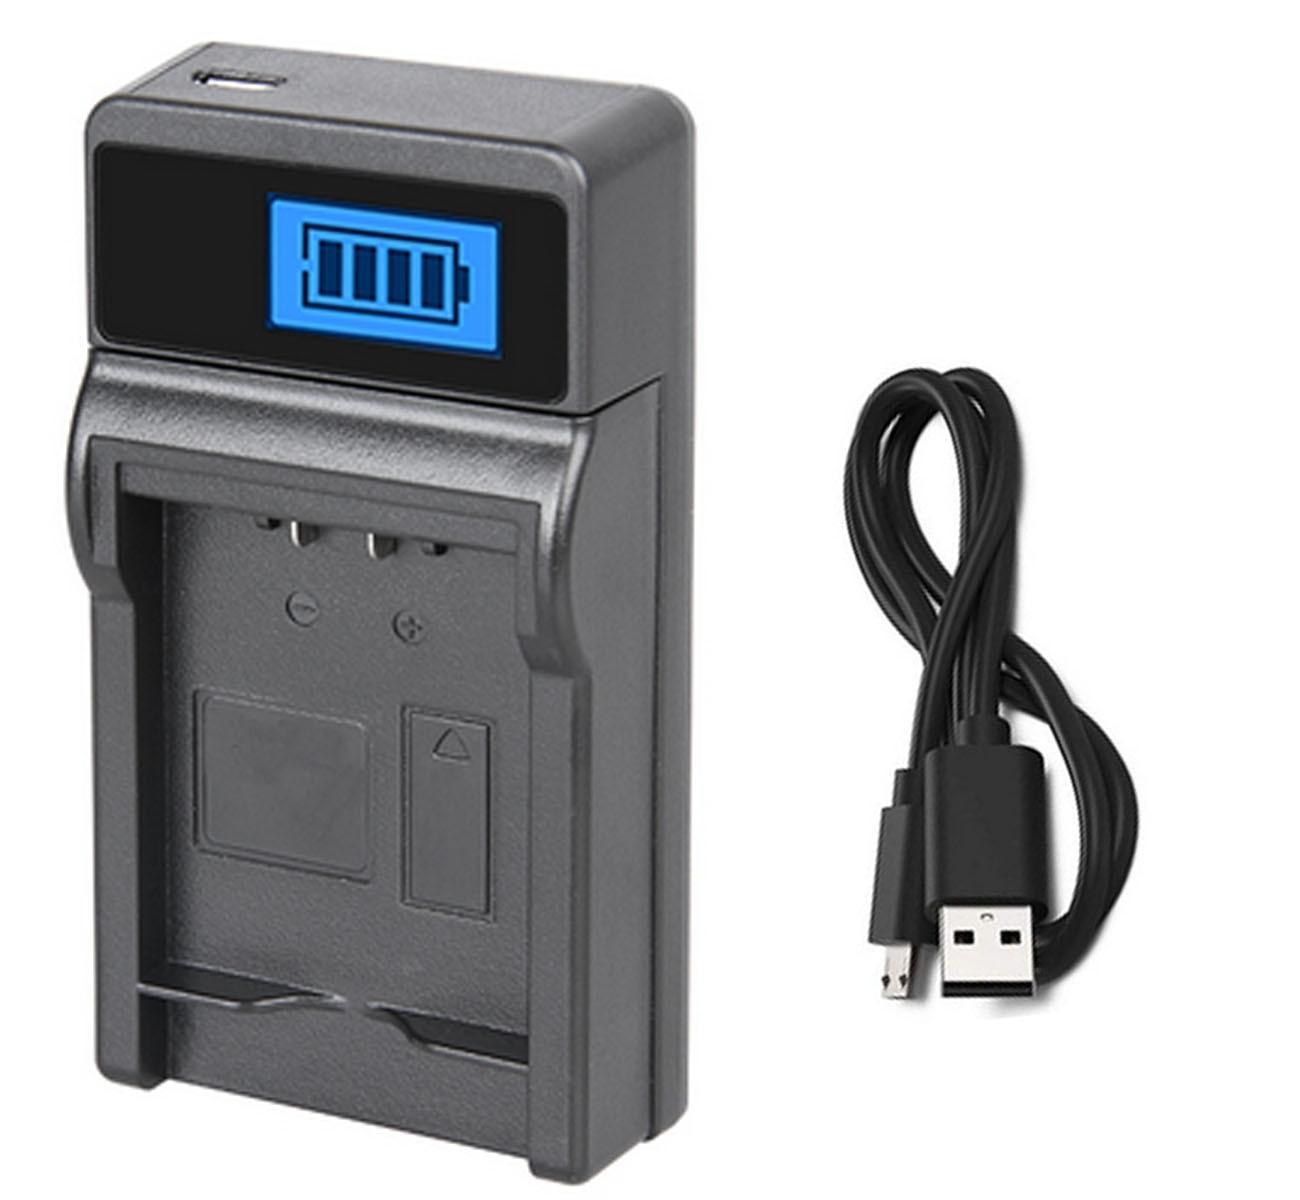 Зарядное устройство для цифровой камеры Panasonic Lumix DMC-FZ40, FZ45, FZ47, FZ48, FZ60, FZ62, FZ70, FZ72, DC-FZ80, FZ81, FZ82, FZ83